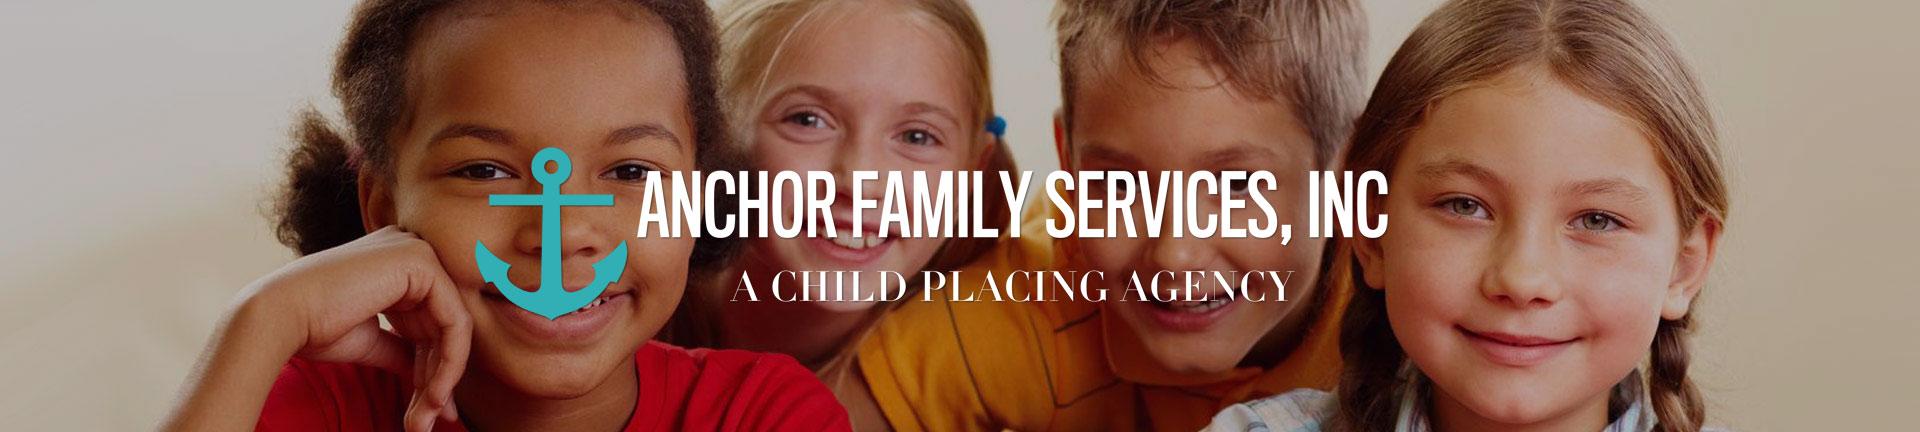 Anchor Family Services, Inc